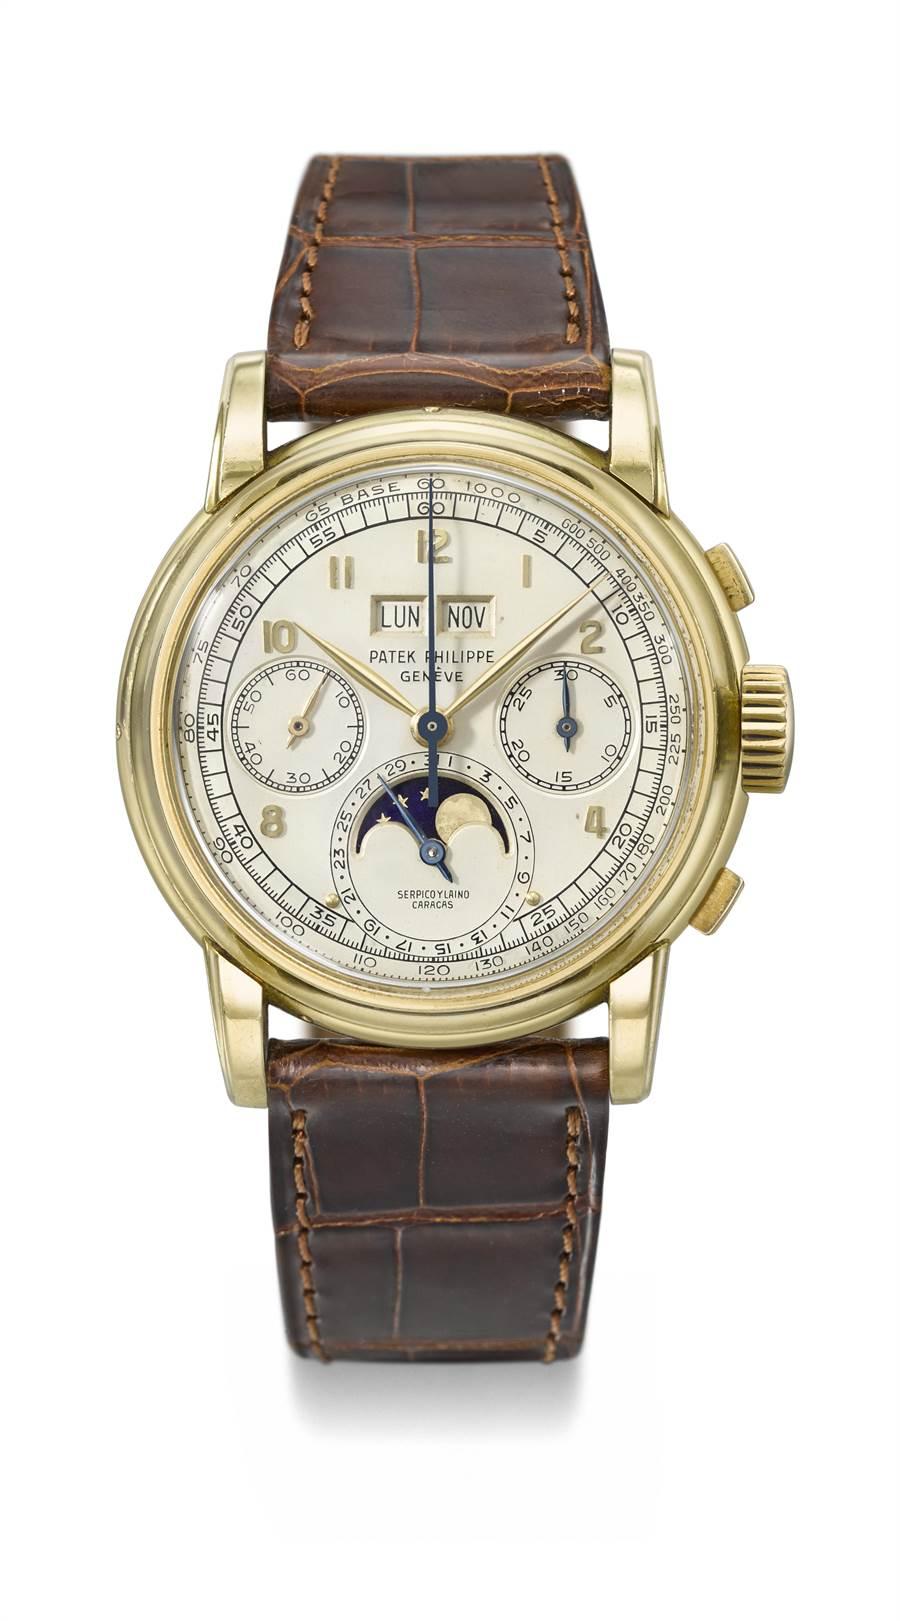 佳士得日內瓦拍賣會領拍之作百達翡麗編號2499玫瑰金萬年曆月相計時腕表,起拍價4600萬元。(佳士得提供)